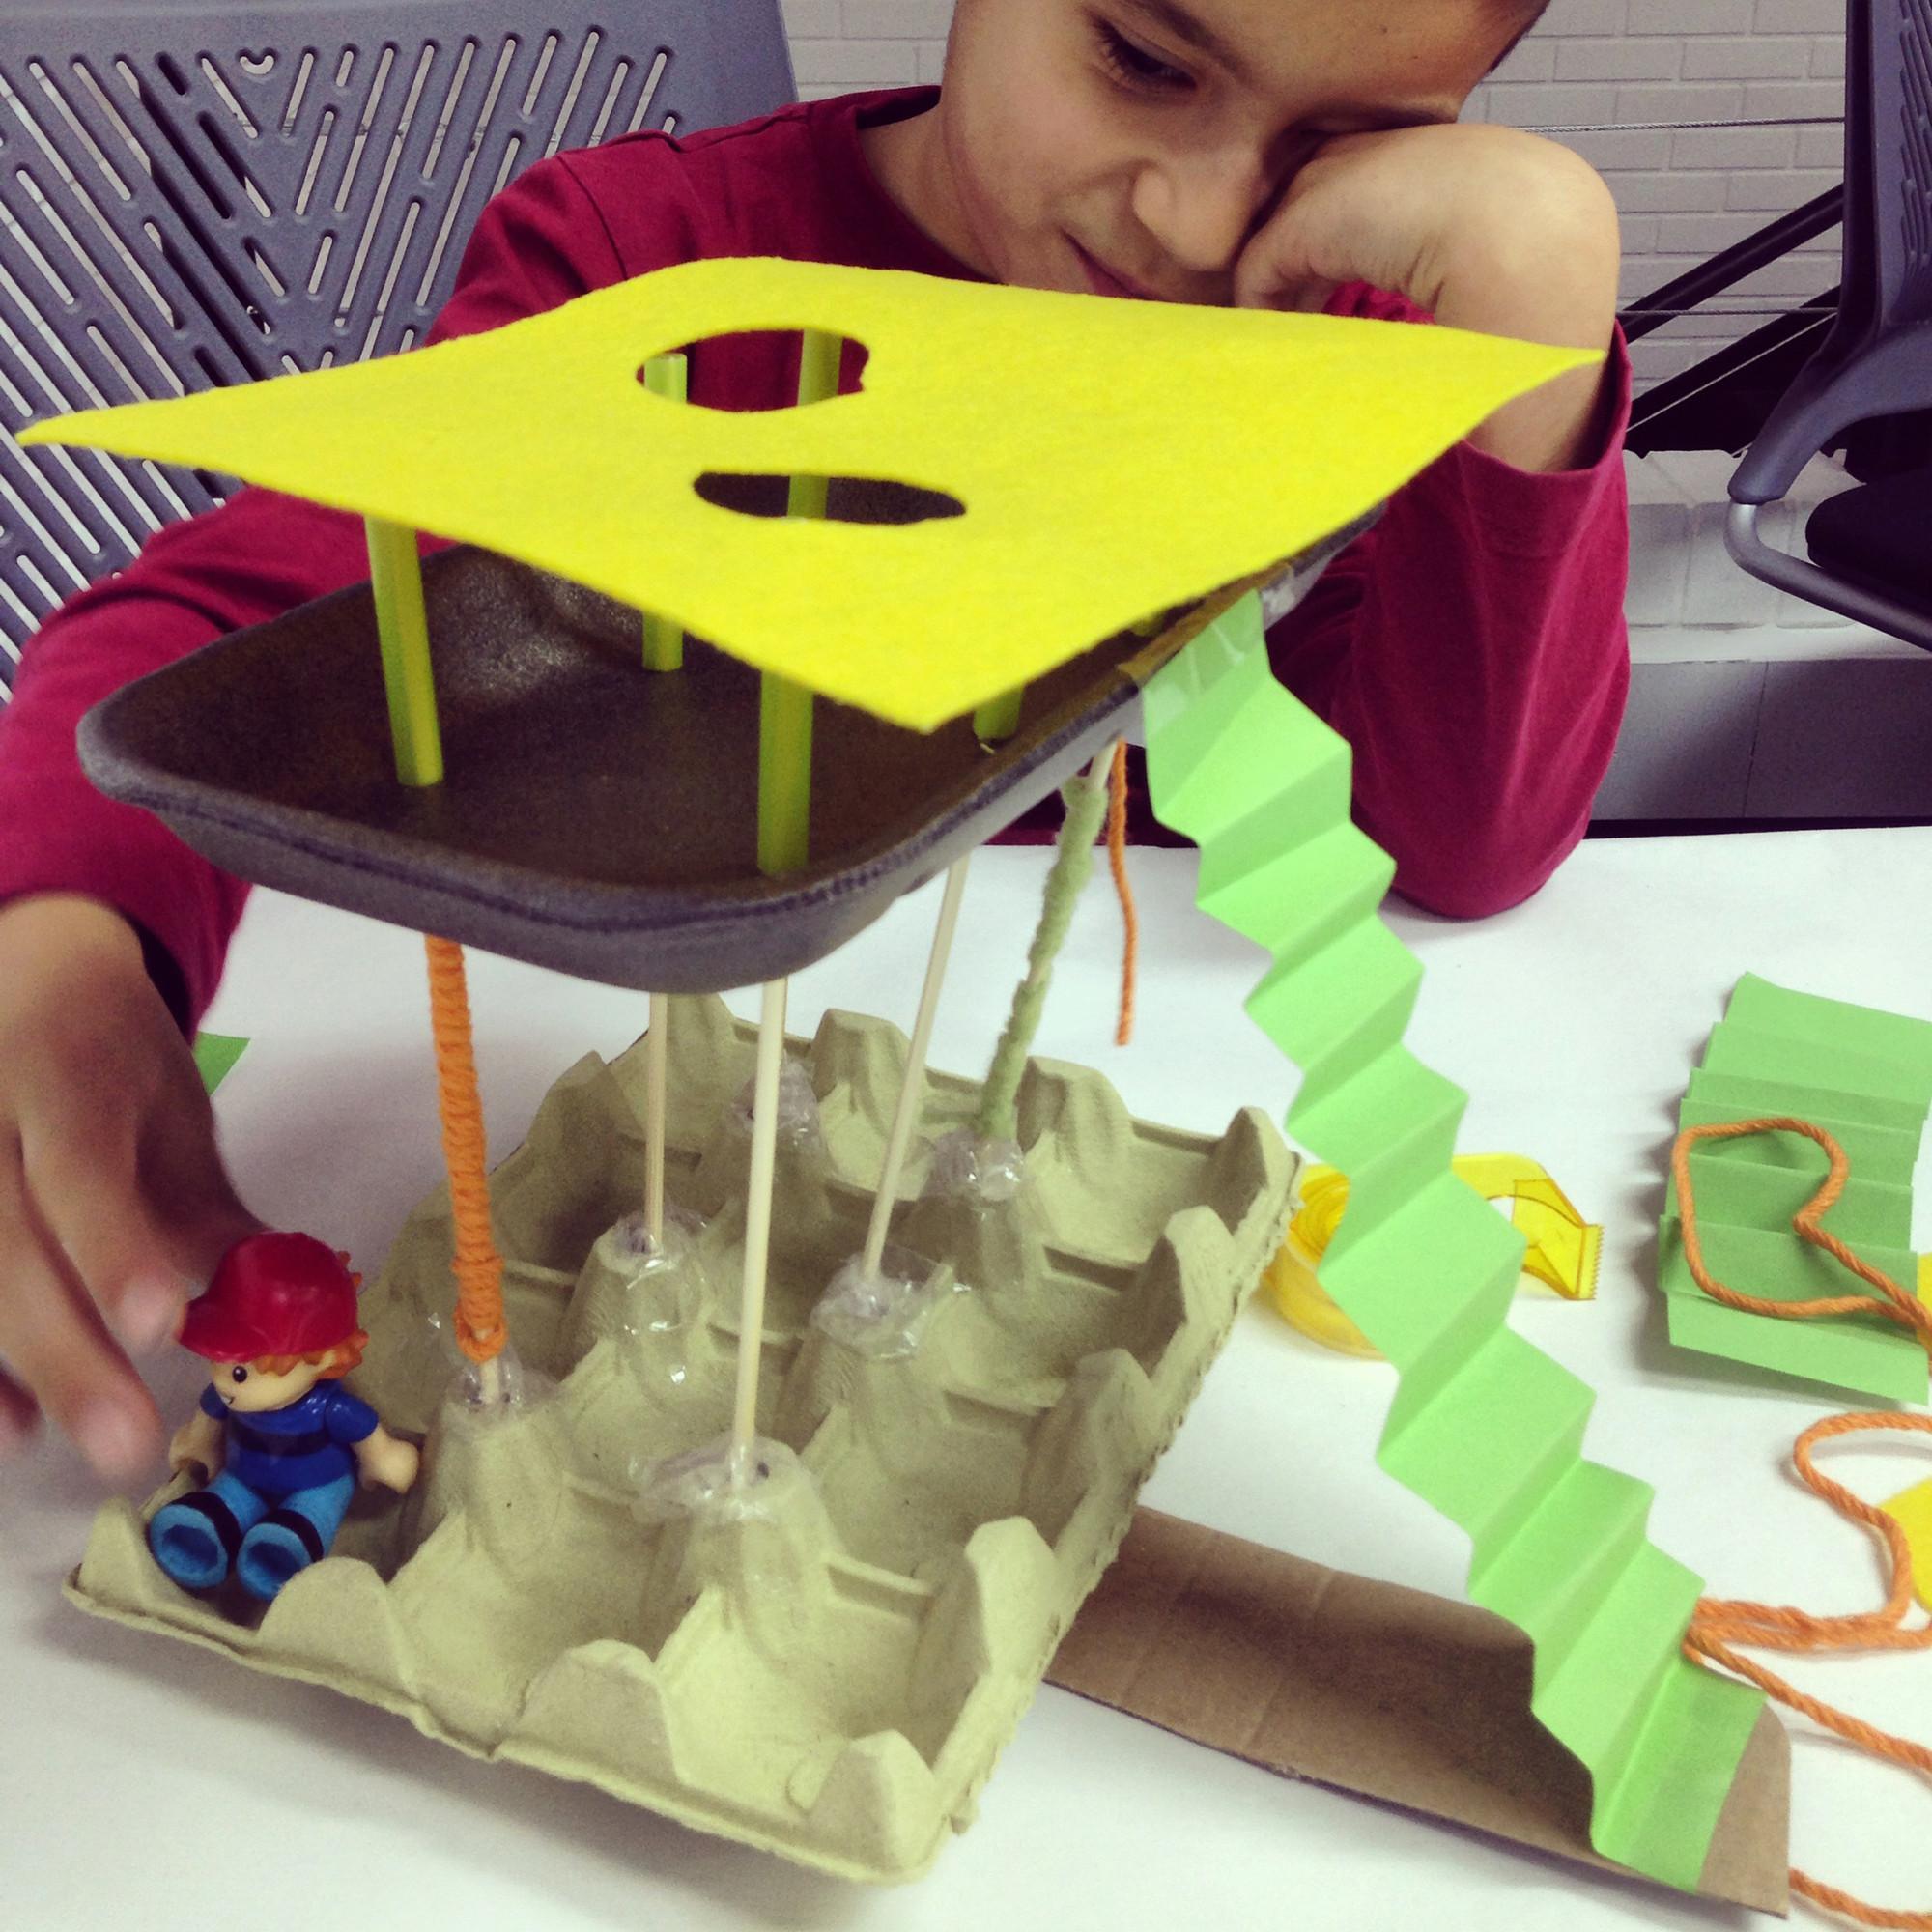 La arquitectura como refugio: propuesta de Samuel, 6 años. Image © Chiquitectos